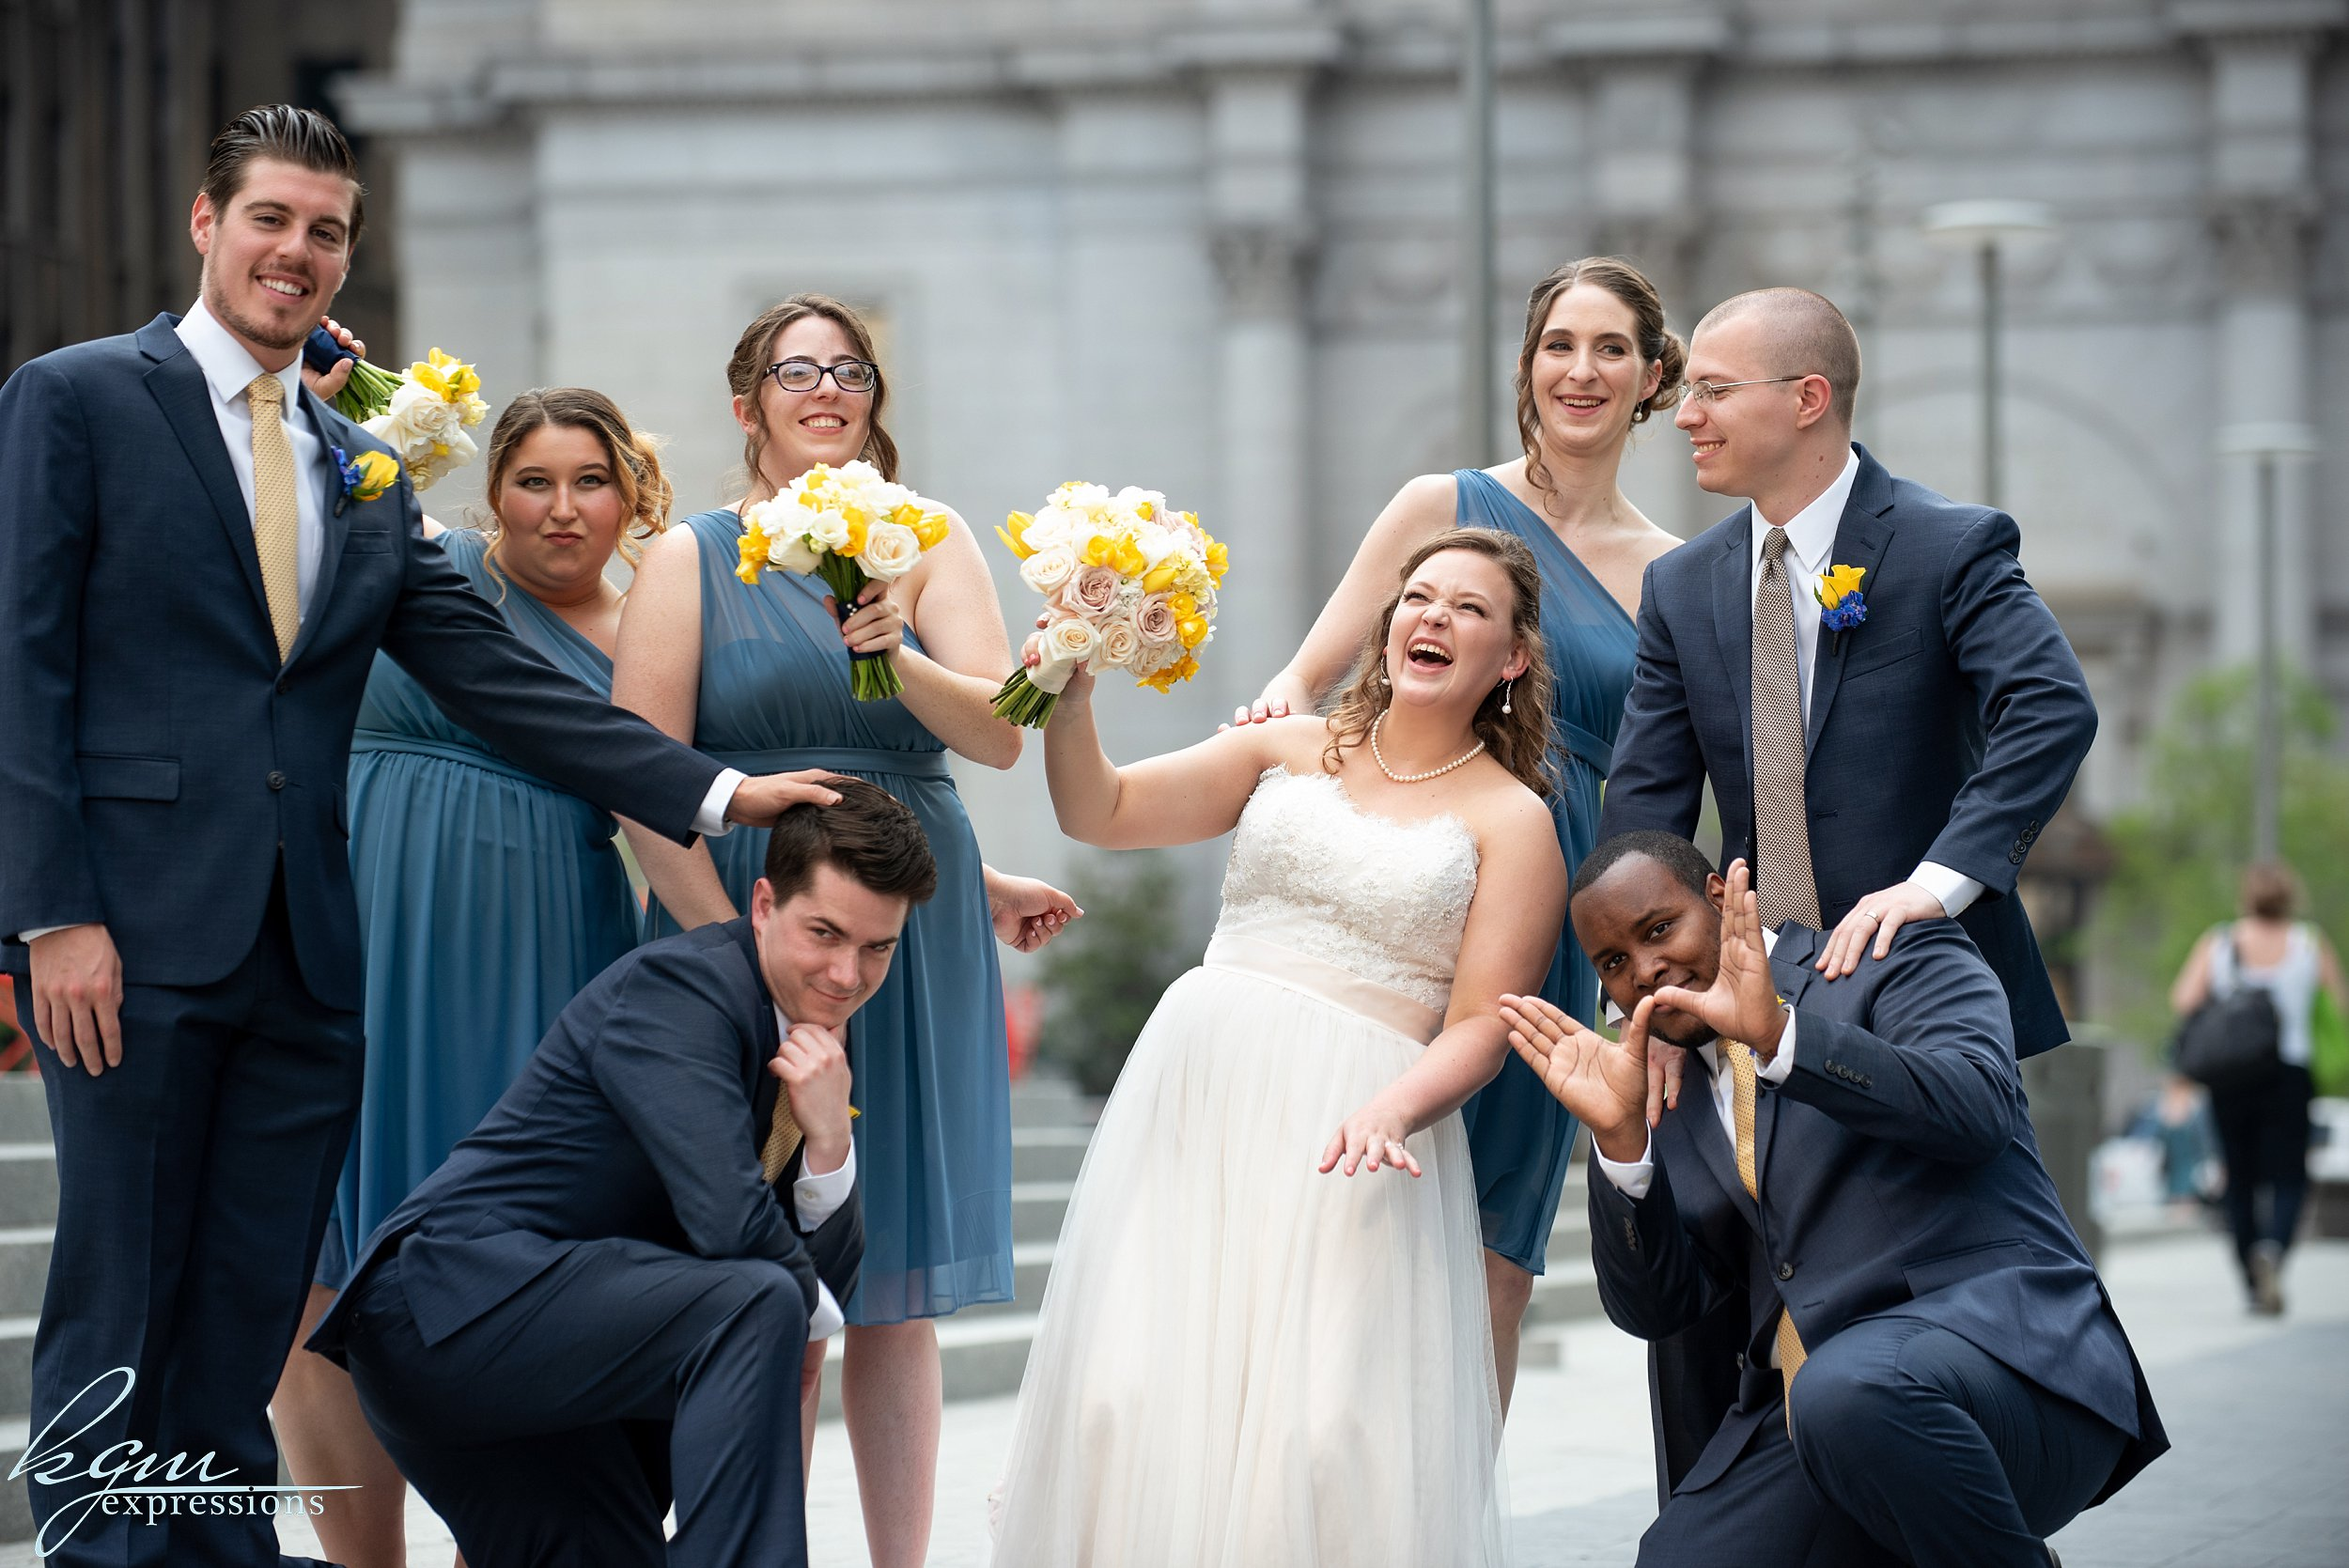 20_tir_na_nog_wedding.jpg